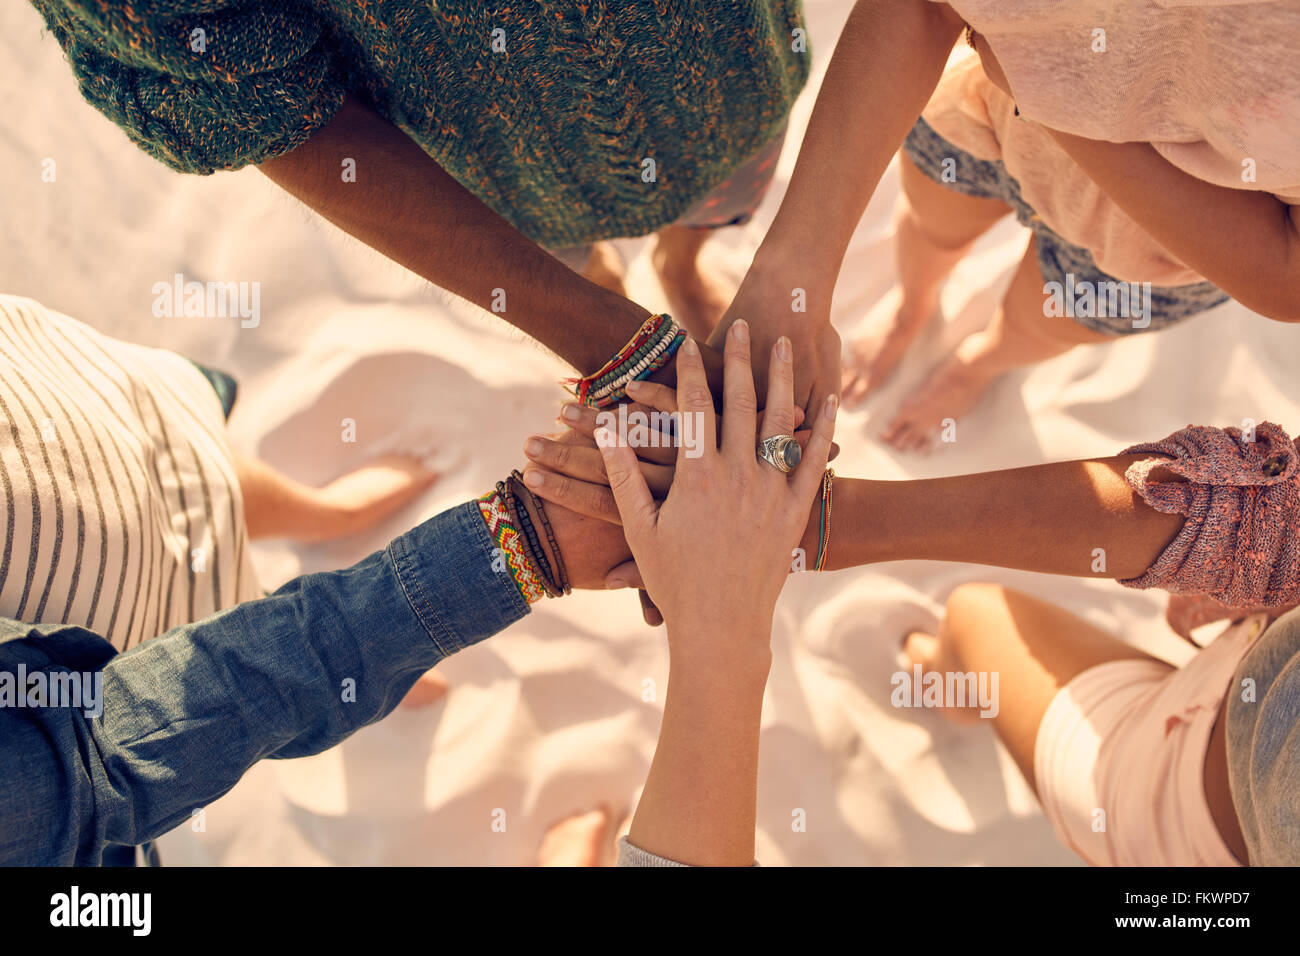 Groupe de jeunes hommes et femmes montrant l'unité. Groupe de jeunes amis mettent leurs mains à la Photo Stock